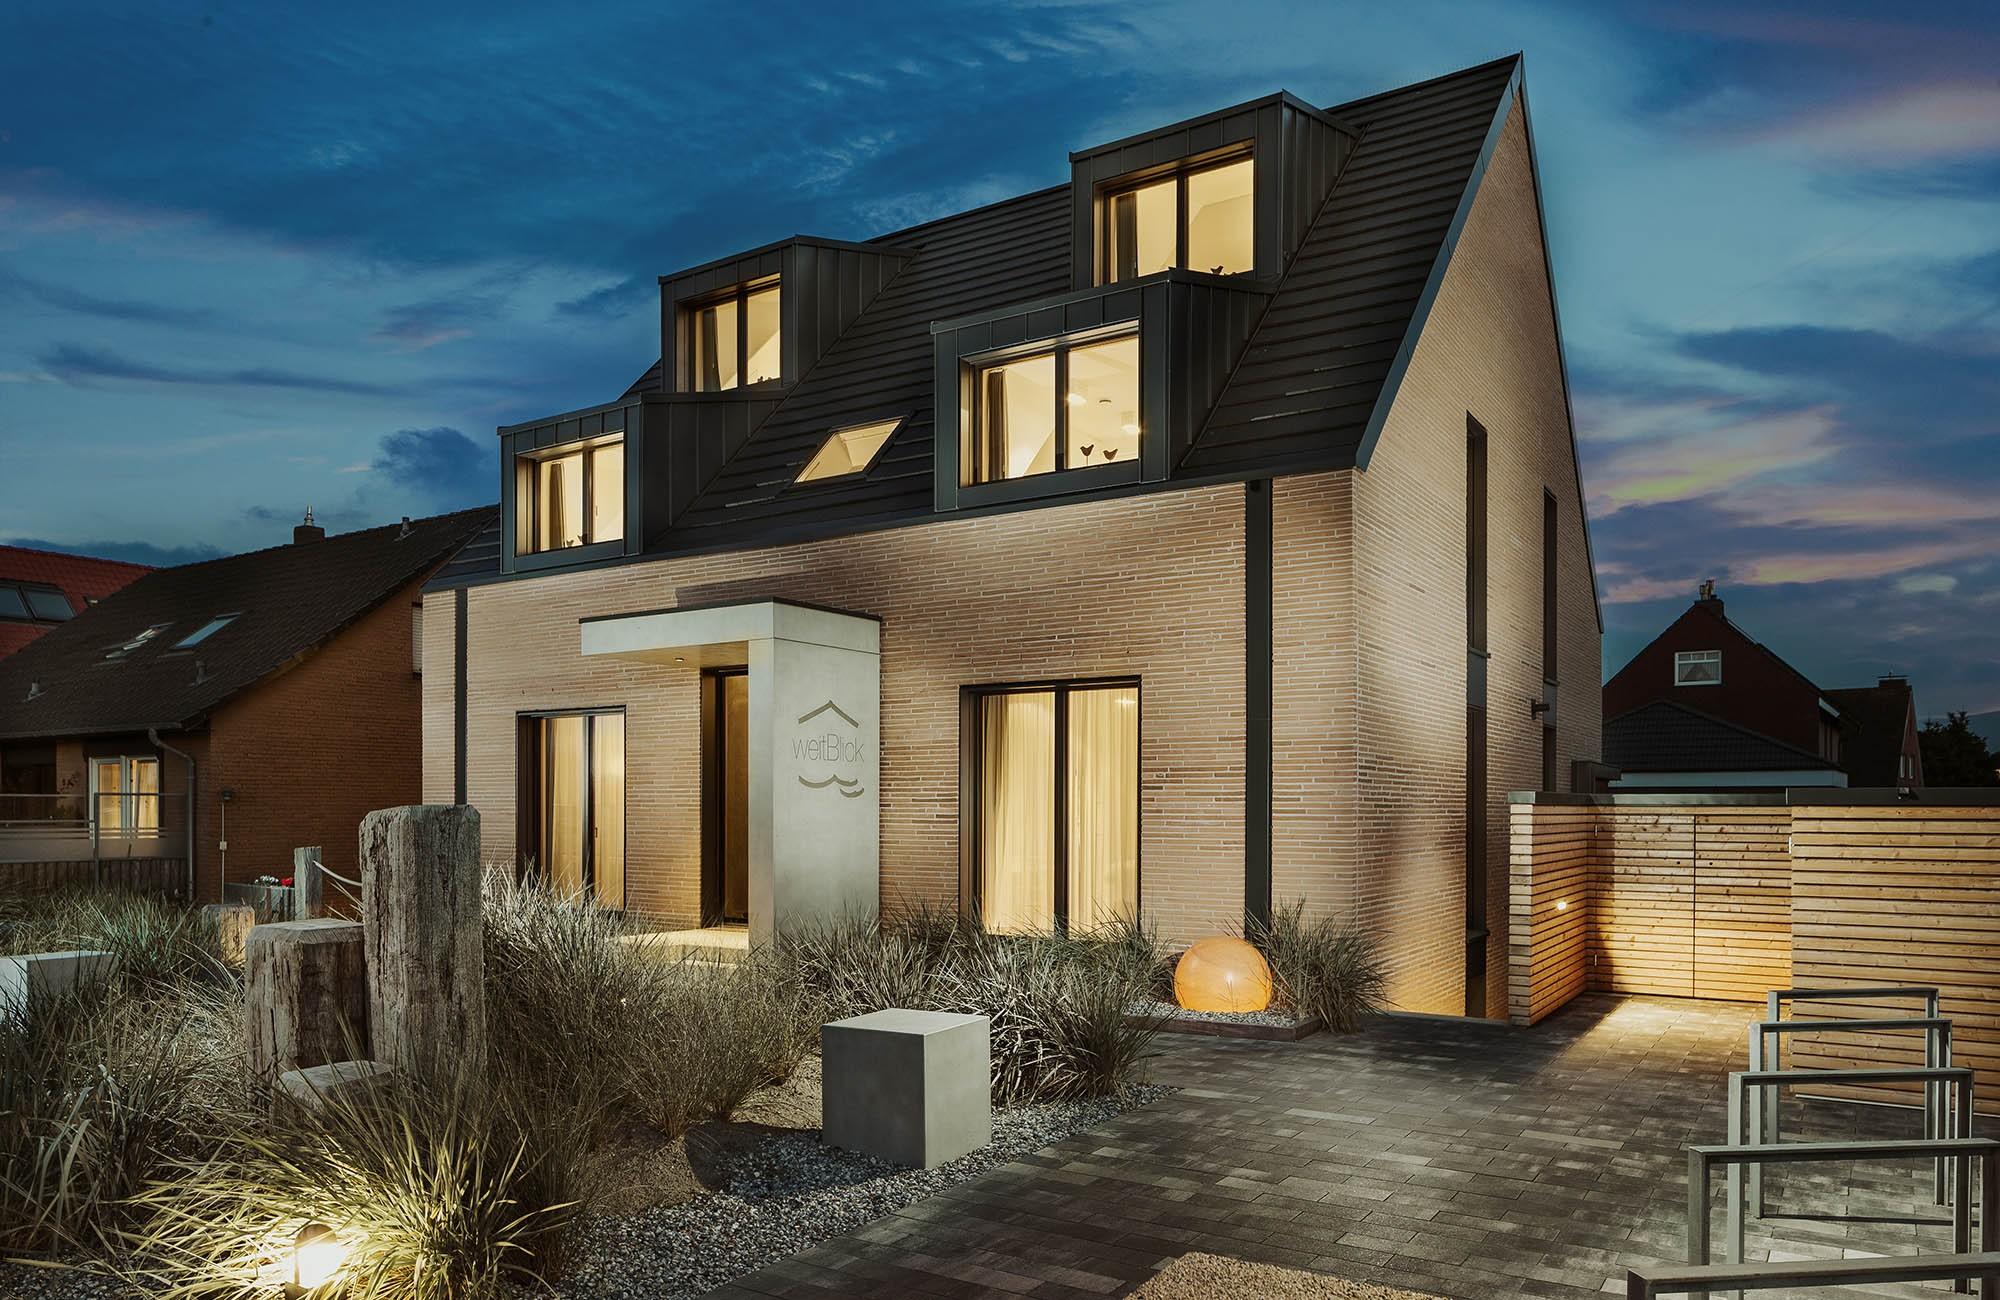 Innenarchitekt Qualifikationen wir suchen einen architekten innenarchitekten für norderney